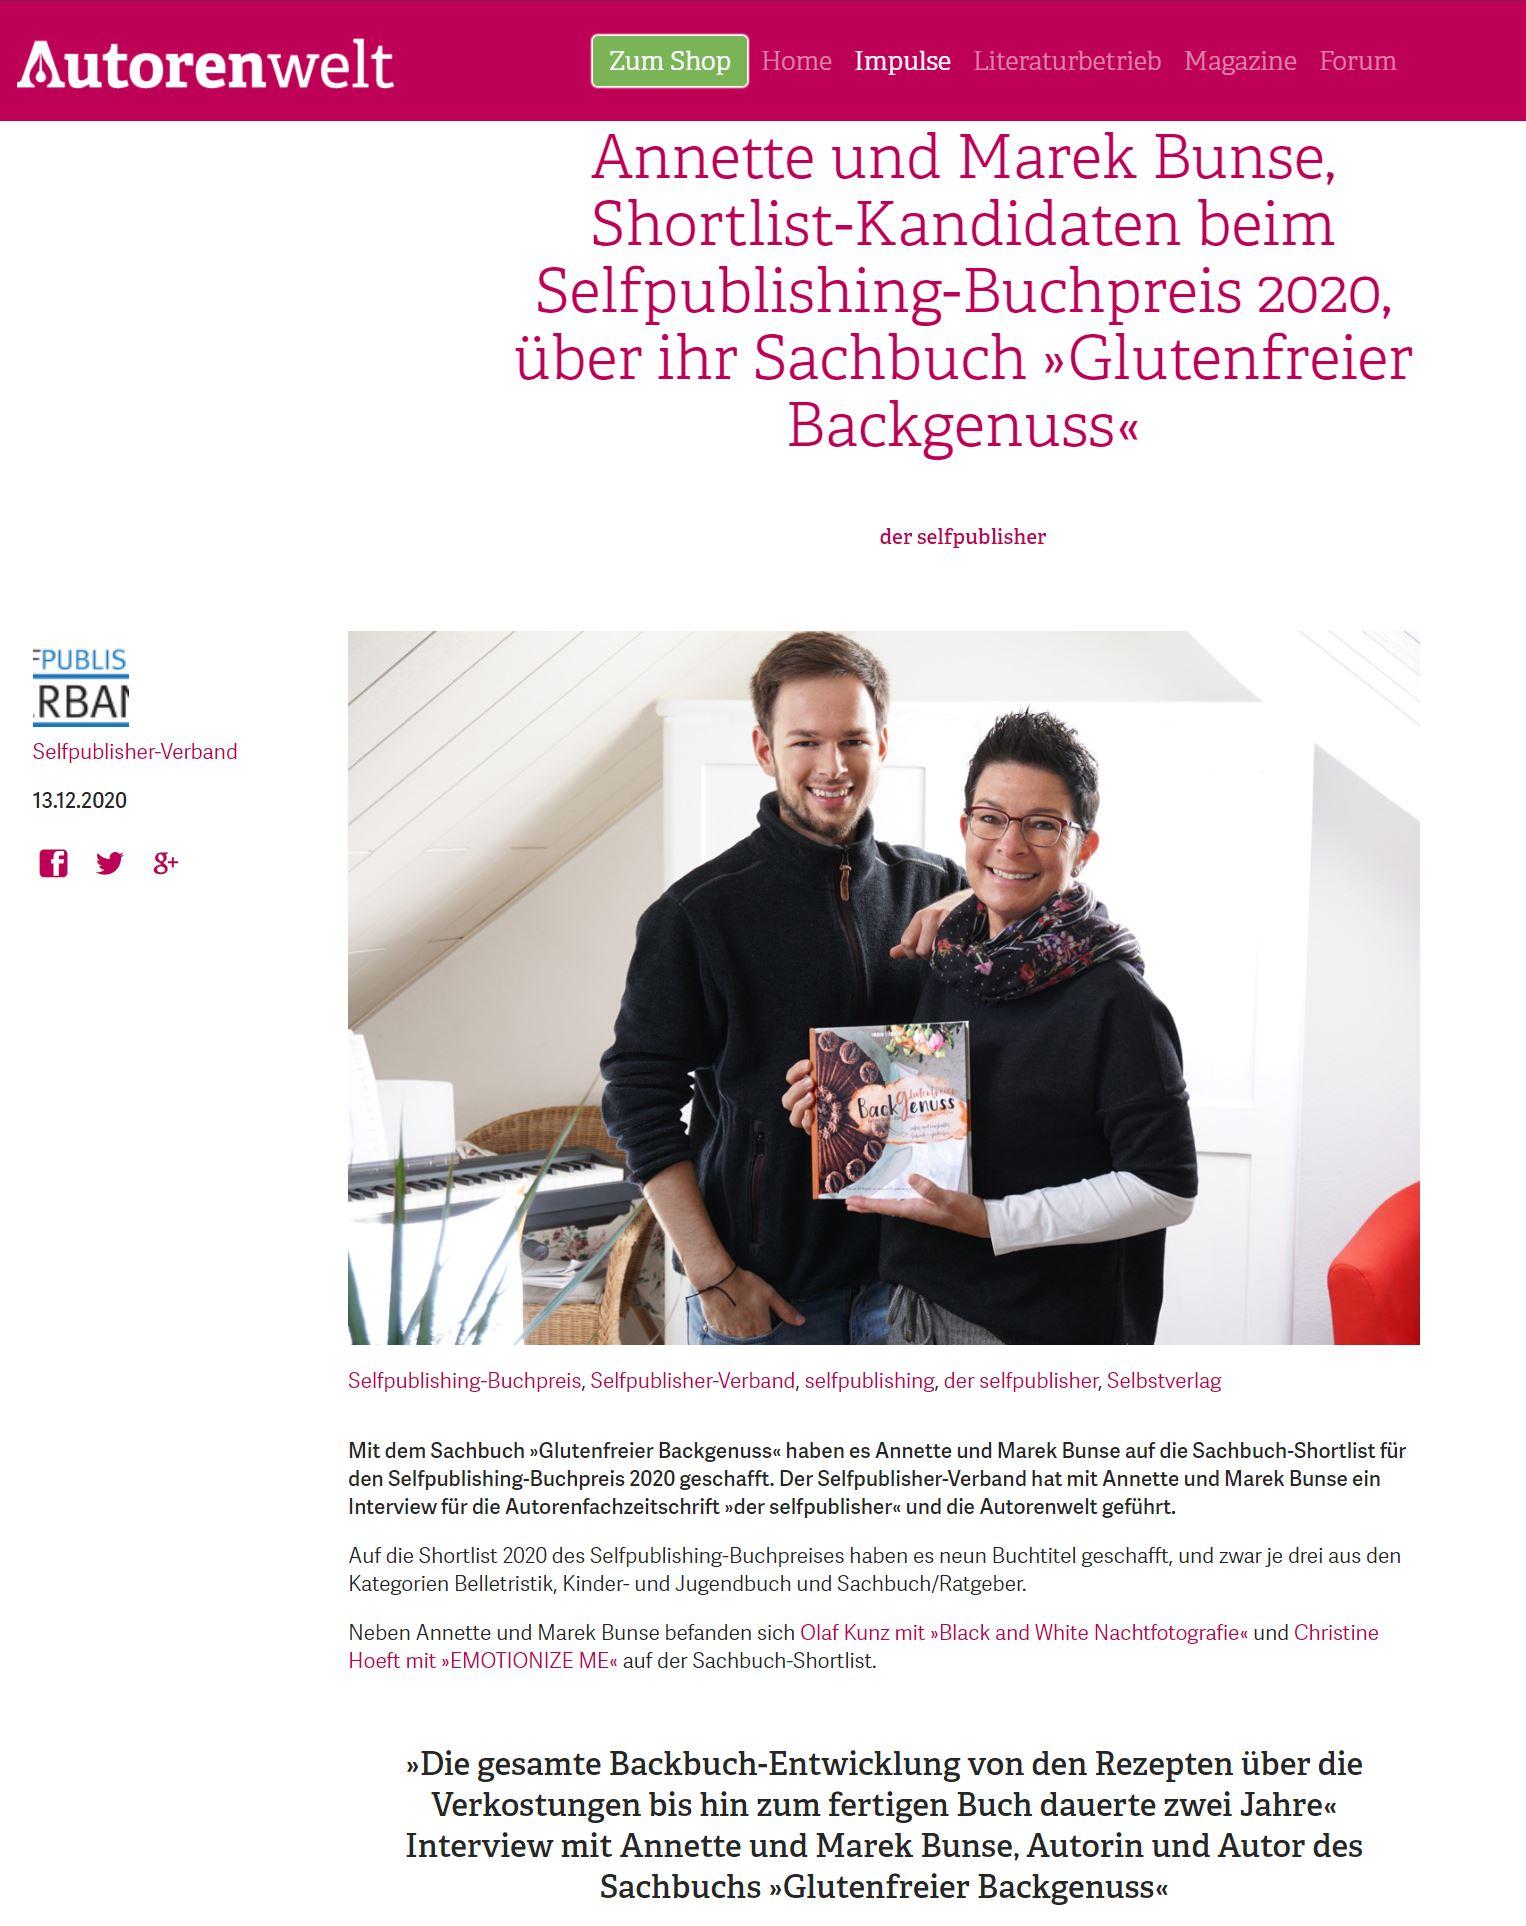 Annette und Marek Bunse im Interview auf Autorenwelt